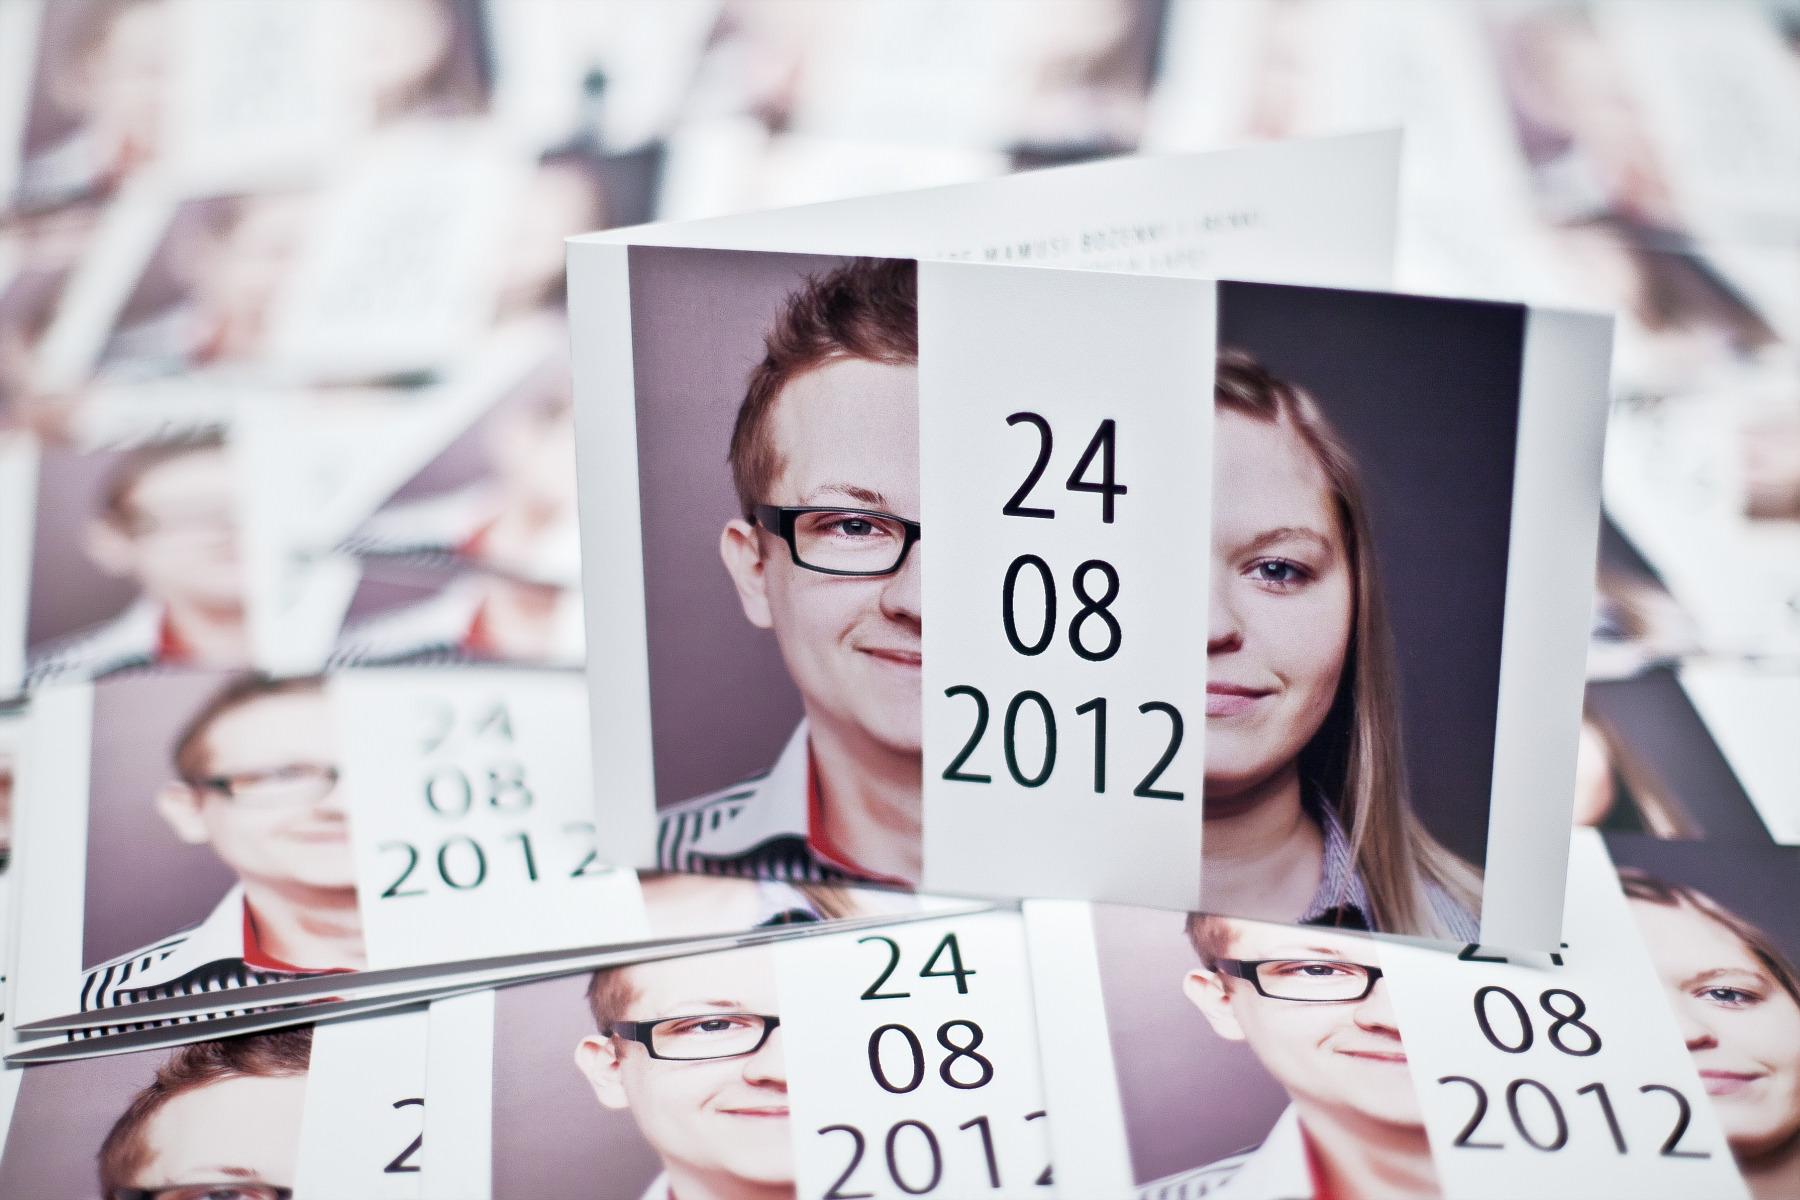 Zaproszenie ślubne ze zdjęciem, projekt, sesja zdjęciowa. Grzegorz i Marta